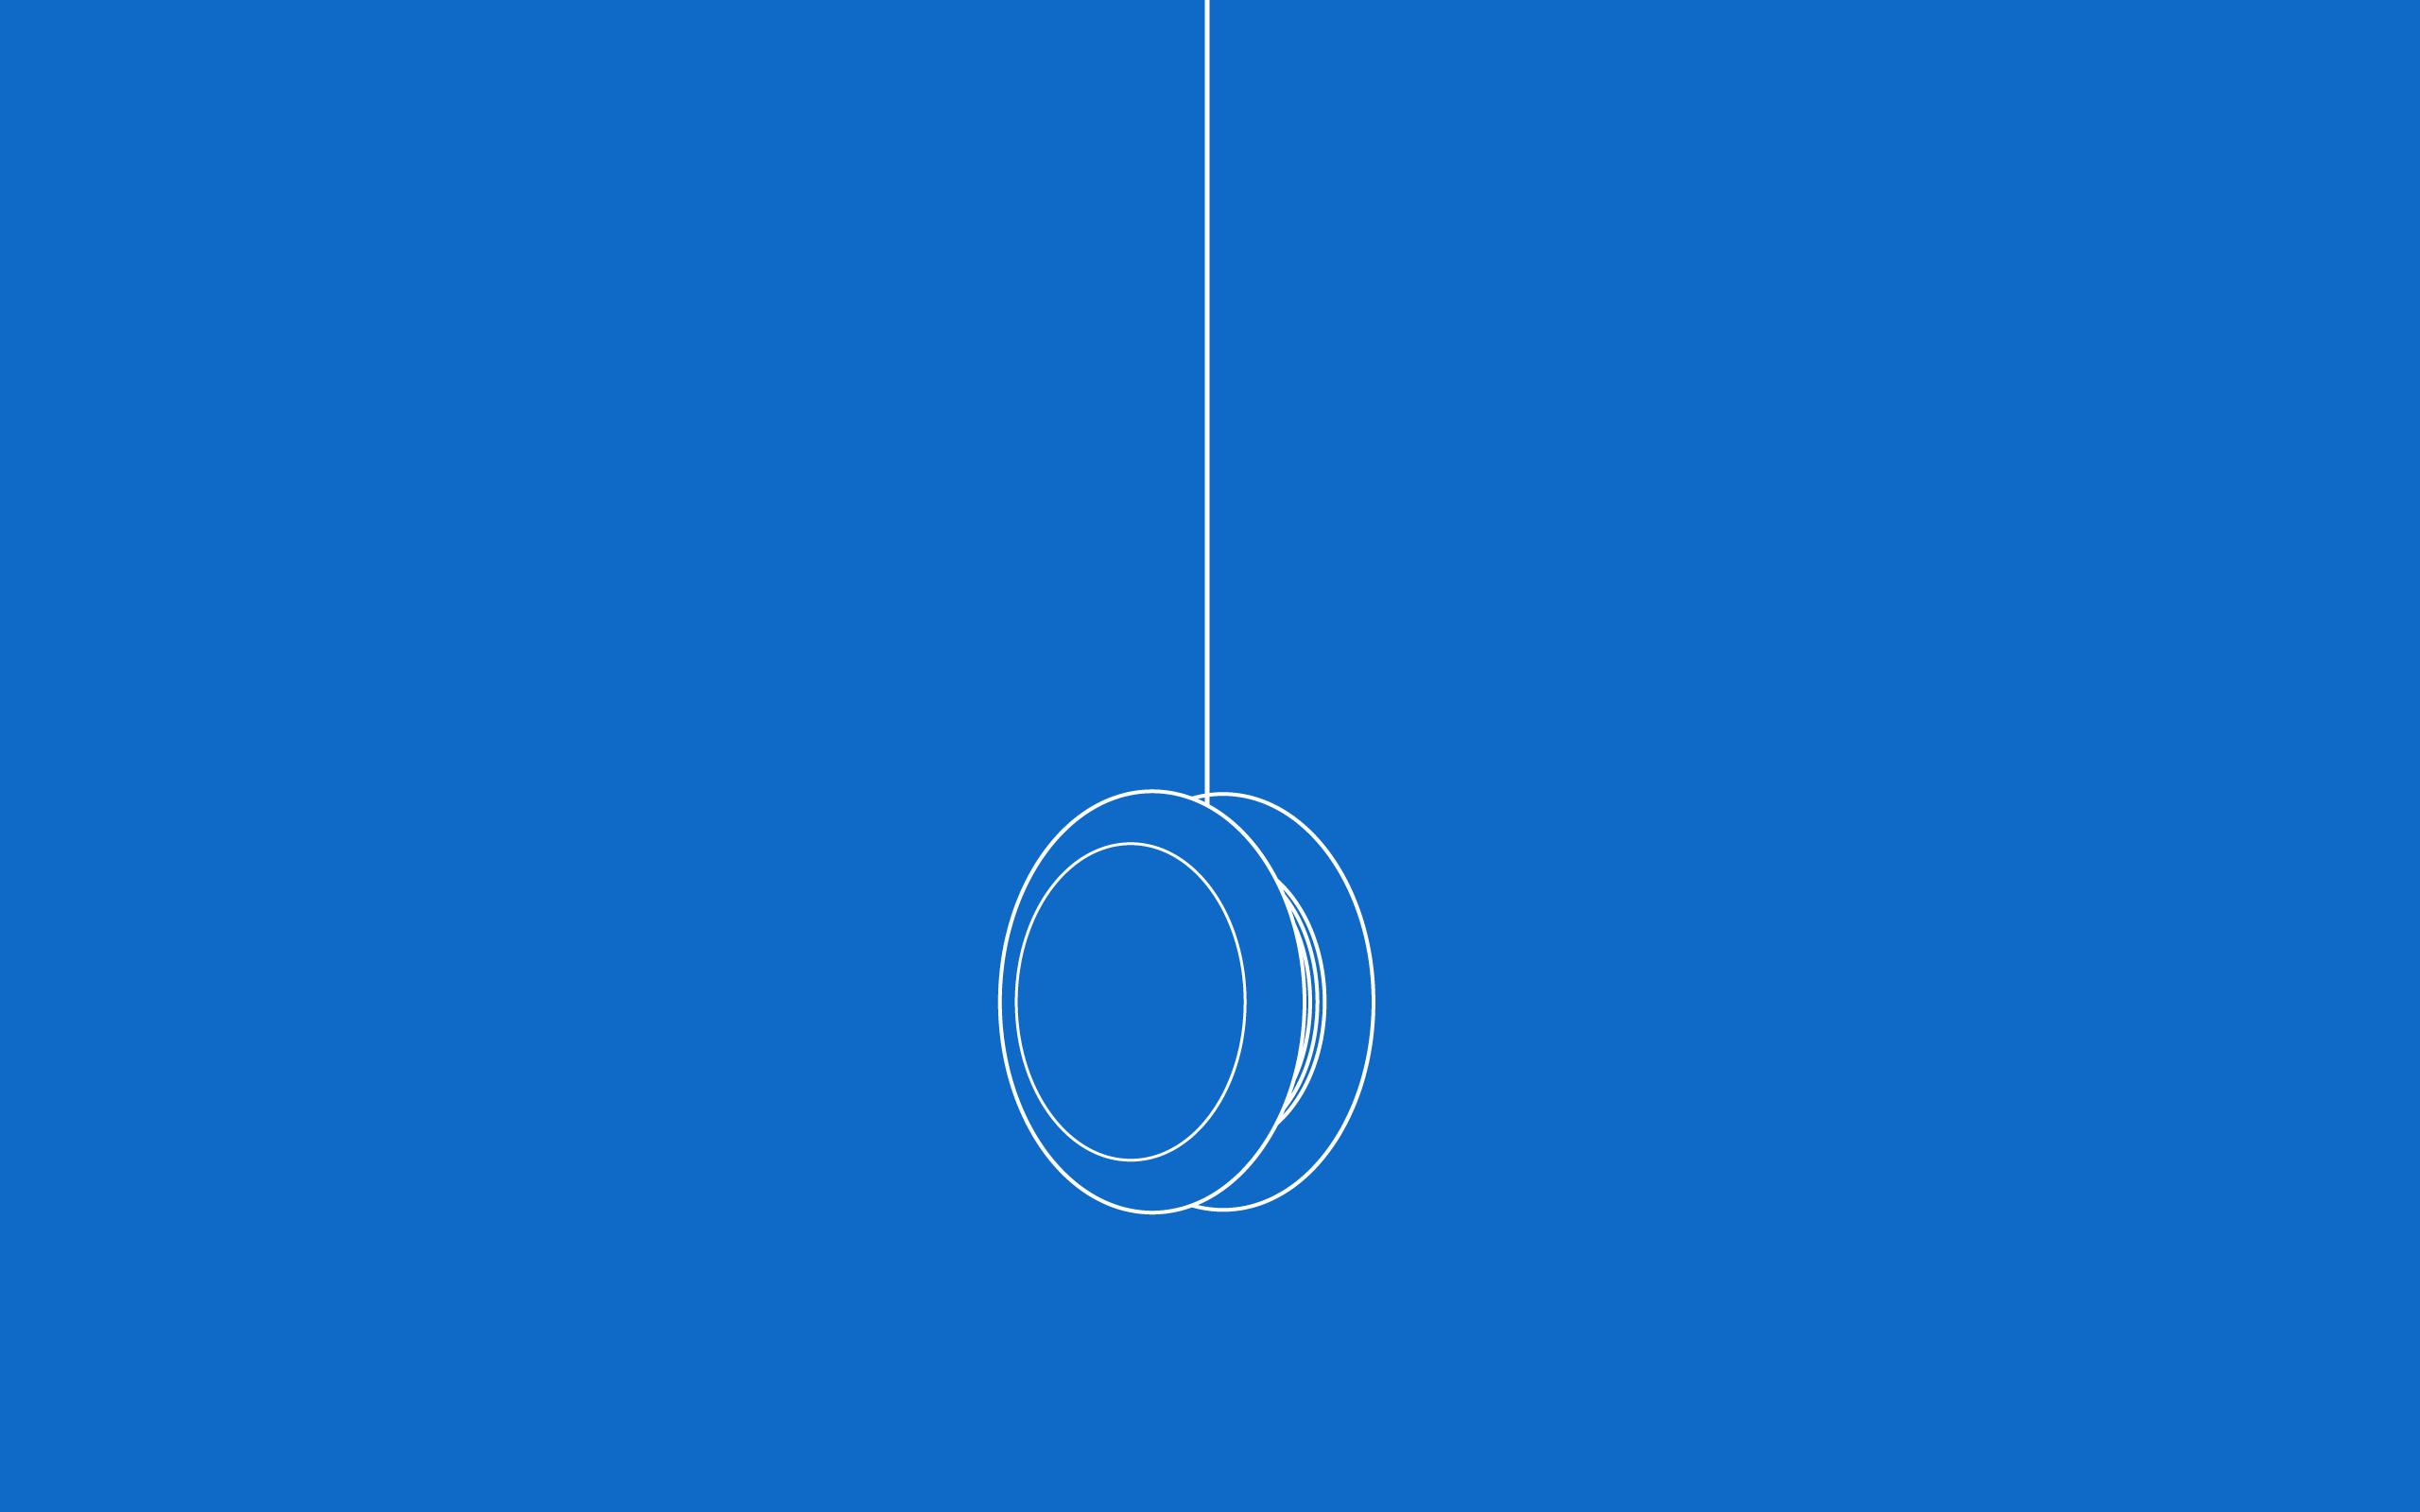 yoyo - yazı kapak görseli